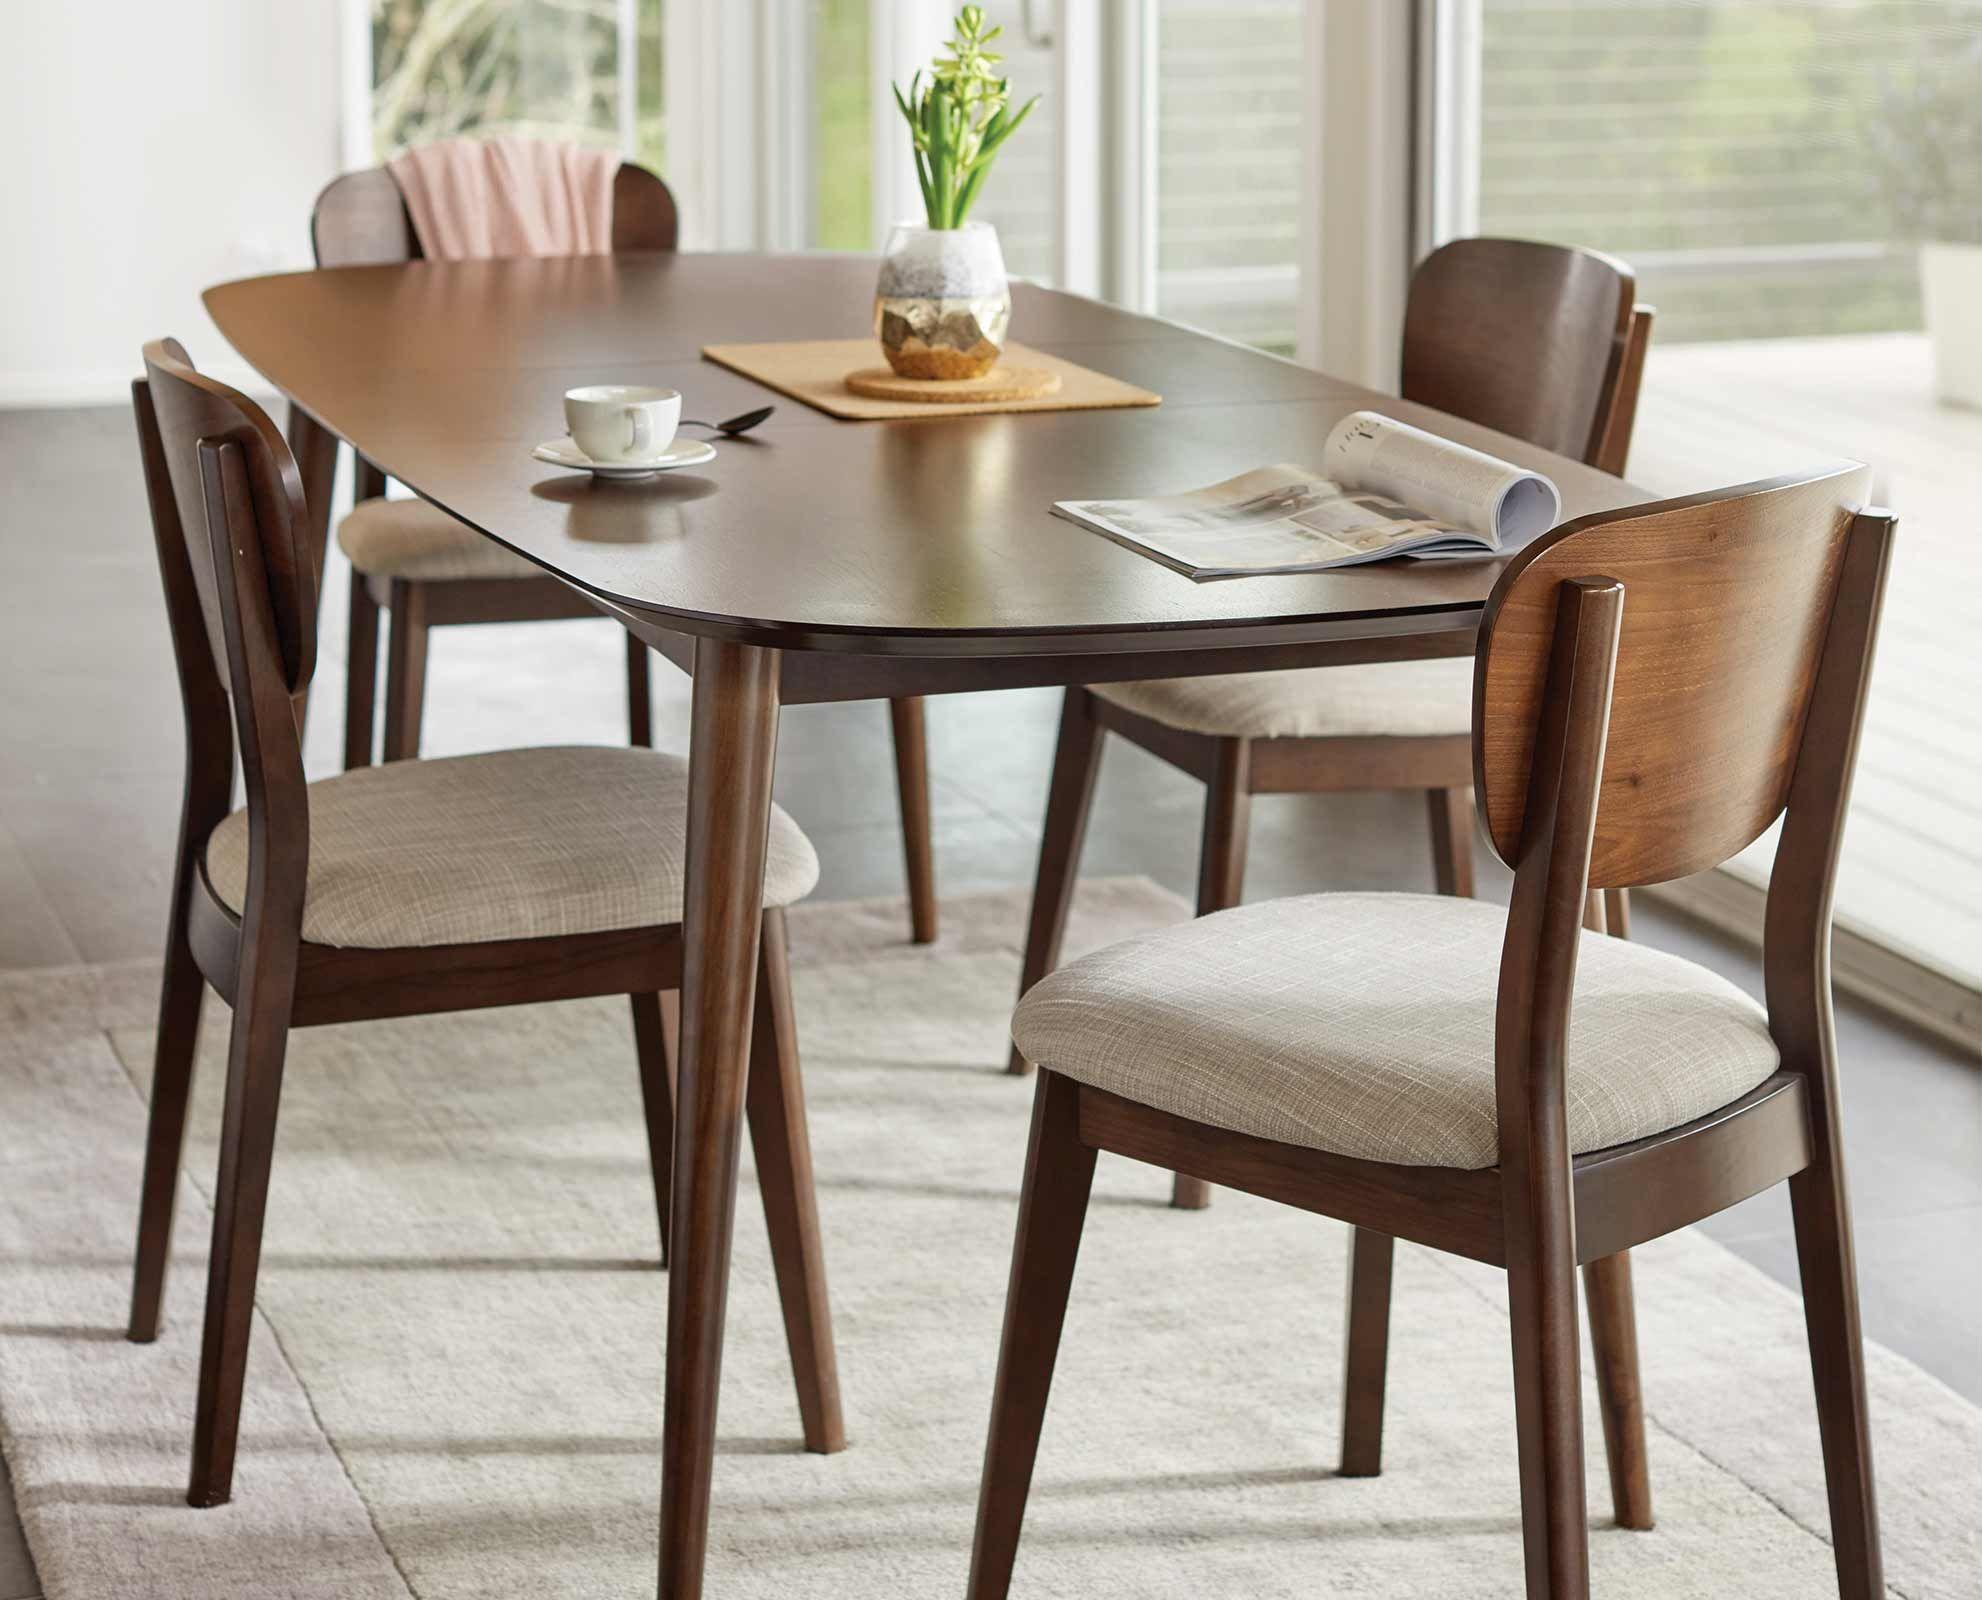 799 Dolar Juneua Extension Dining Table Scandis Skandinavisches Esszimmer Modernes Esszimmer Speisezimmereinrichtung